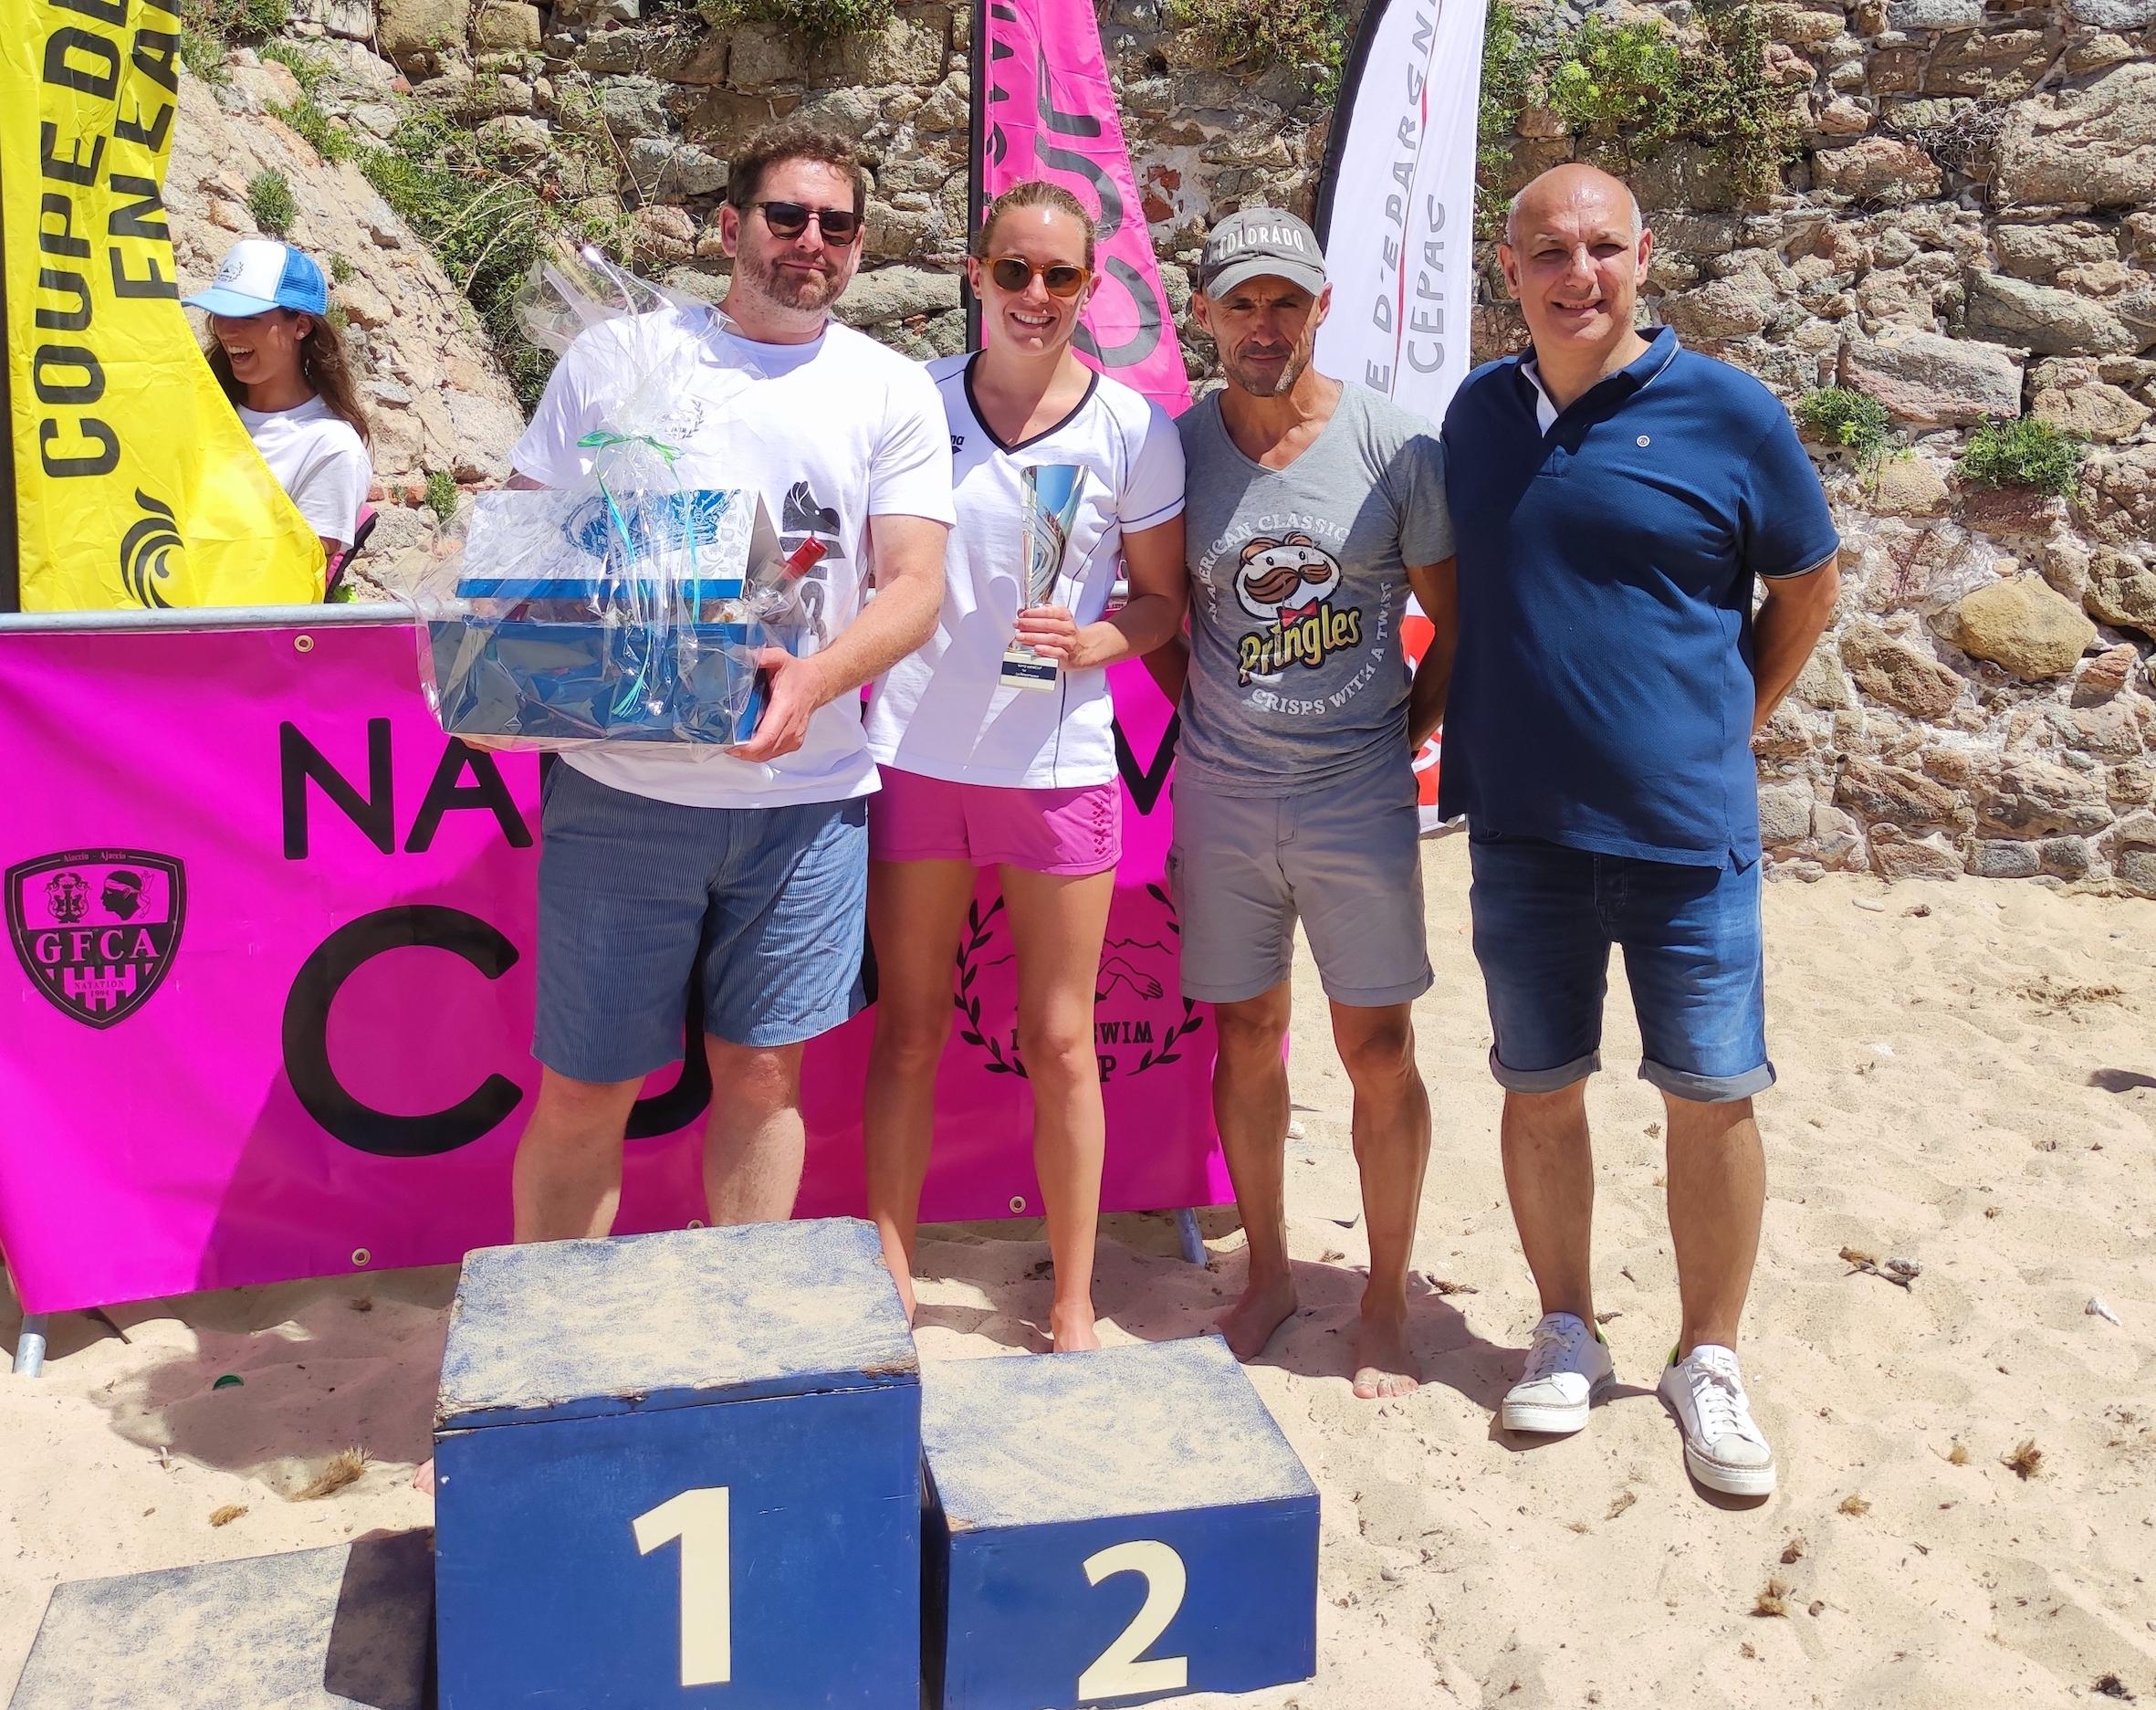 Aurélie Muller et son conjoint Louis Doyez ont remporté la 5km relais, ici aux côtés de Marc Leca directeur des sport à la Ville d'Ajaccio et Stéphane Vannucci, adjoint délégué au Sport (Photos Ville d'Ajaccio).